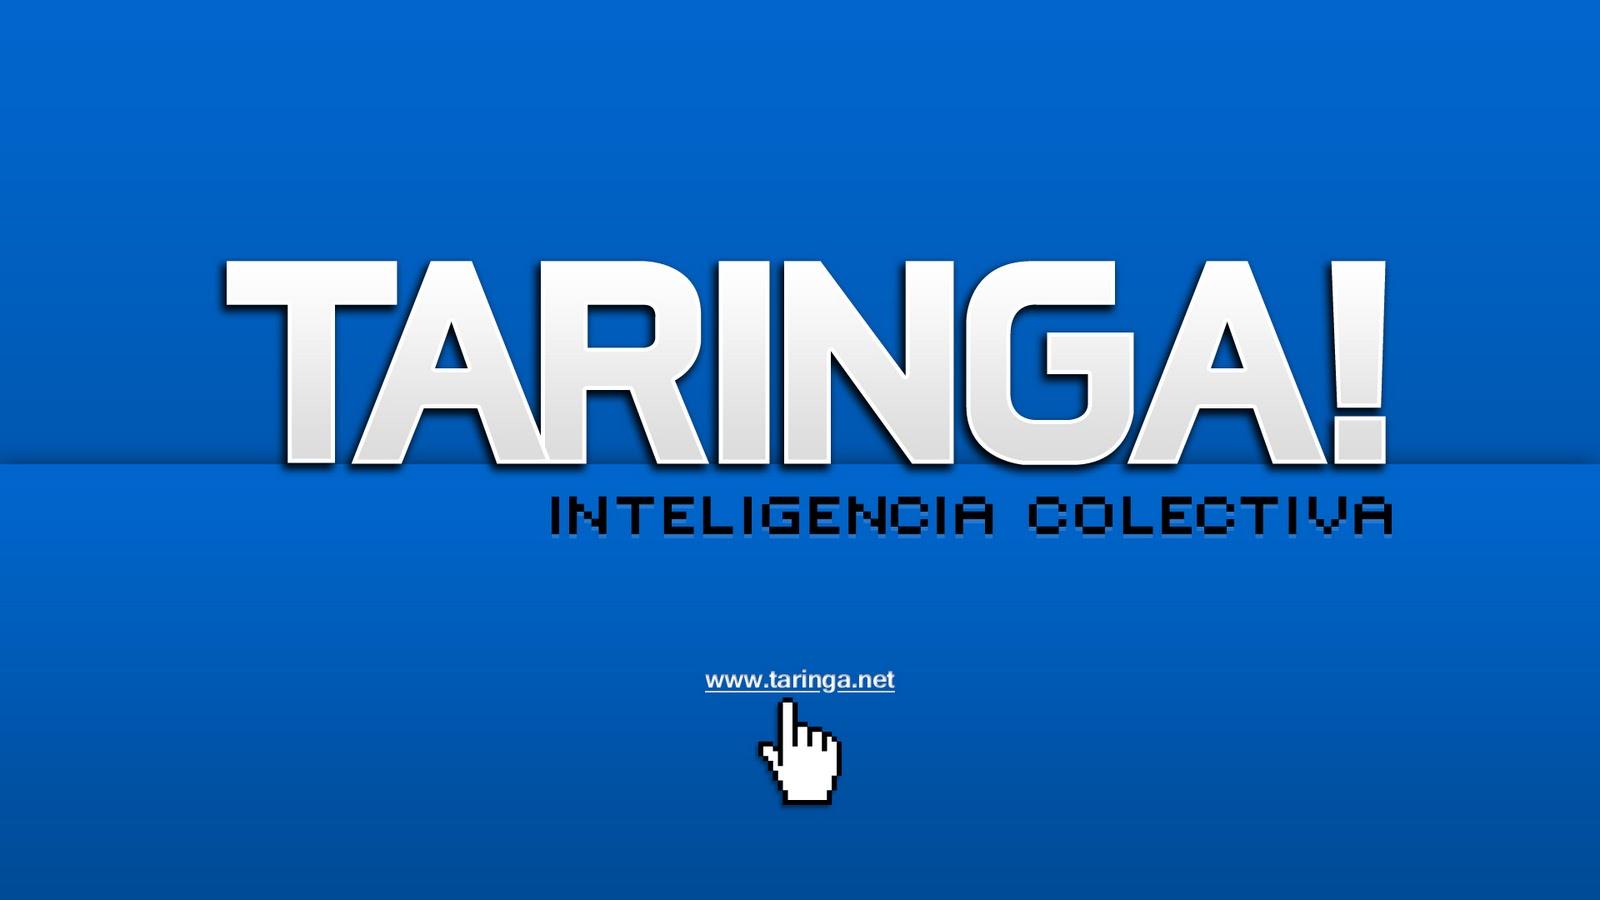 Taringa está trabajando en solucionar sus problemas de seguridad